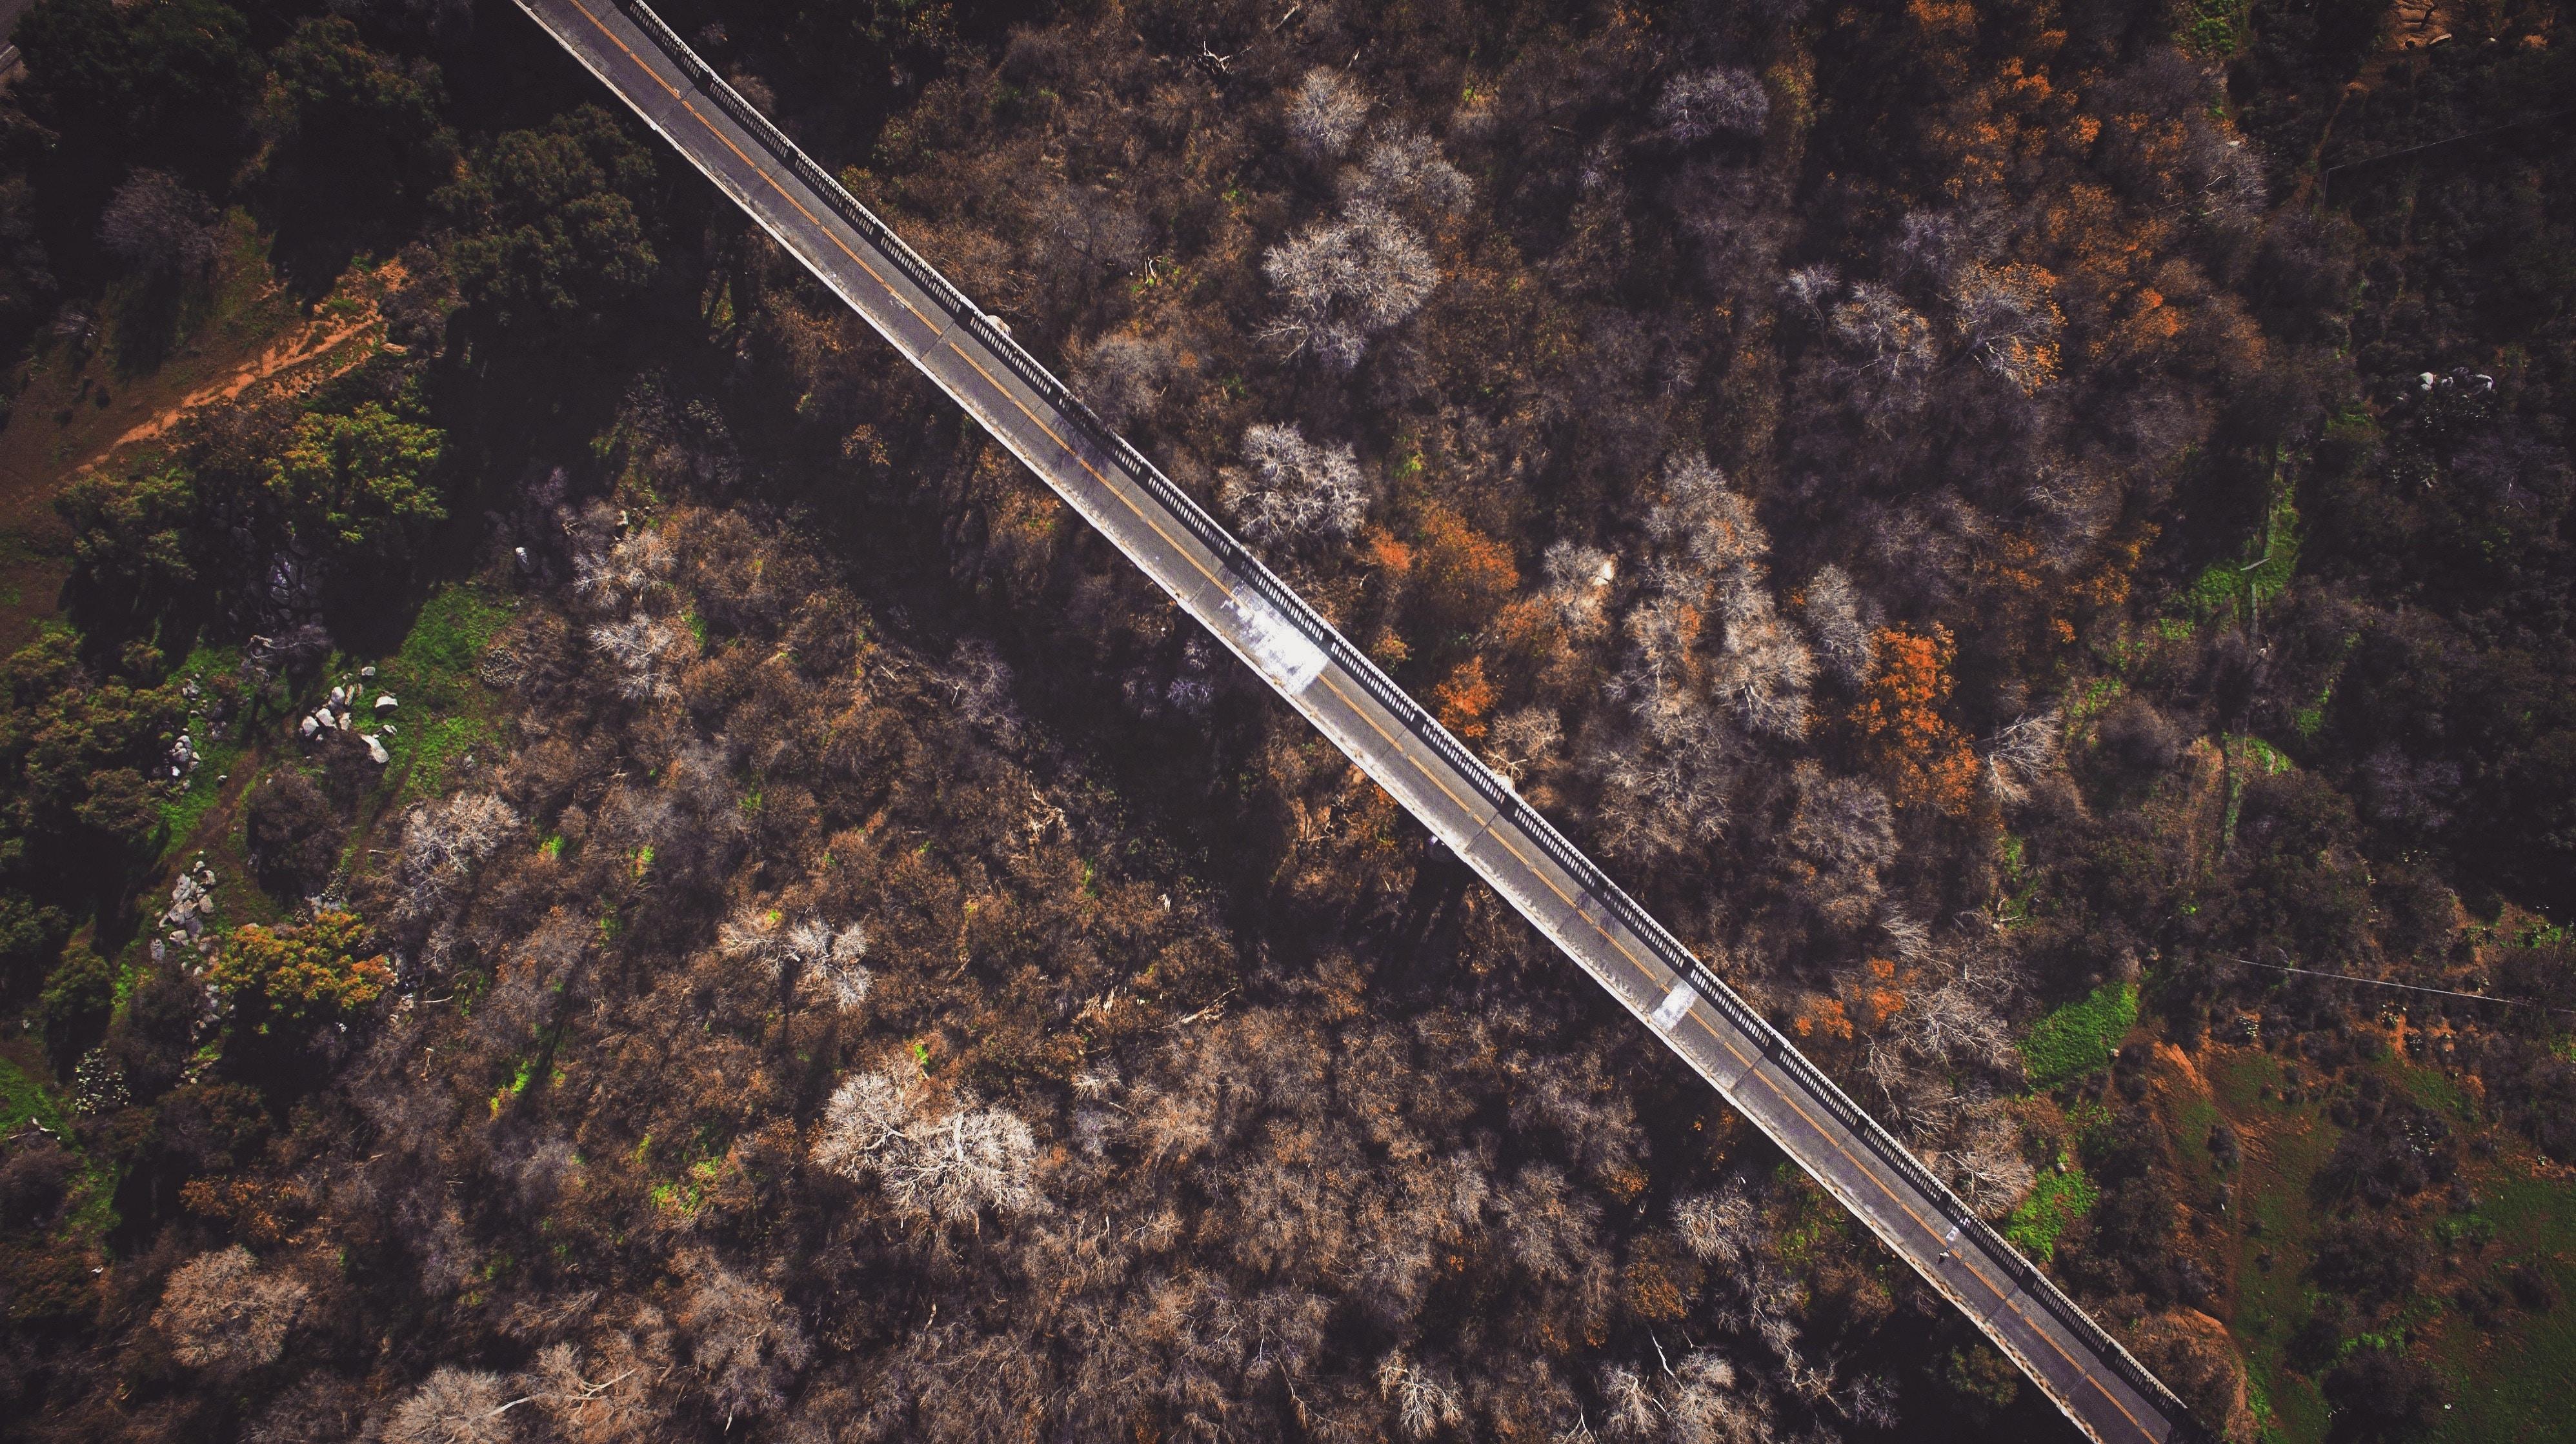 bird's eye view of empty bridge over trees